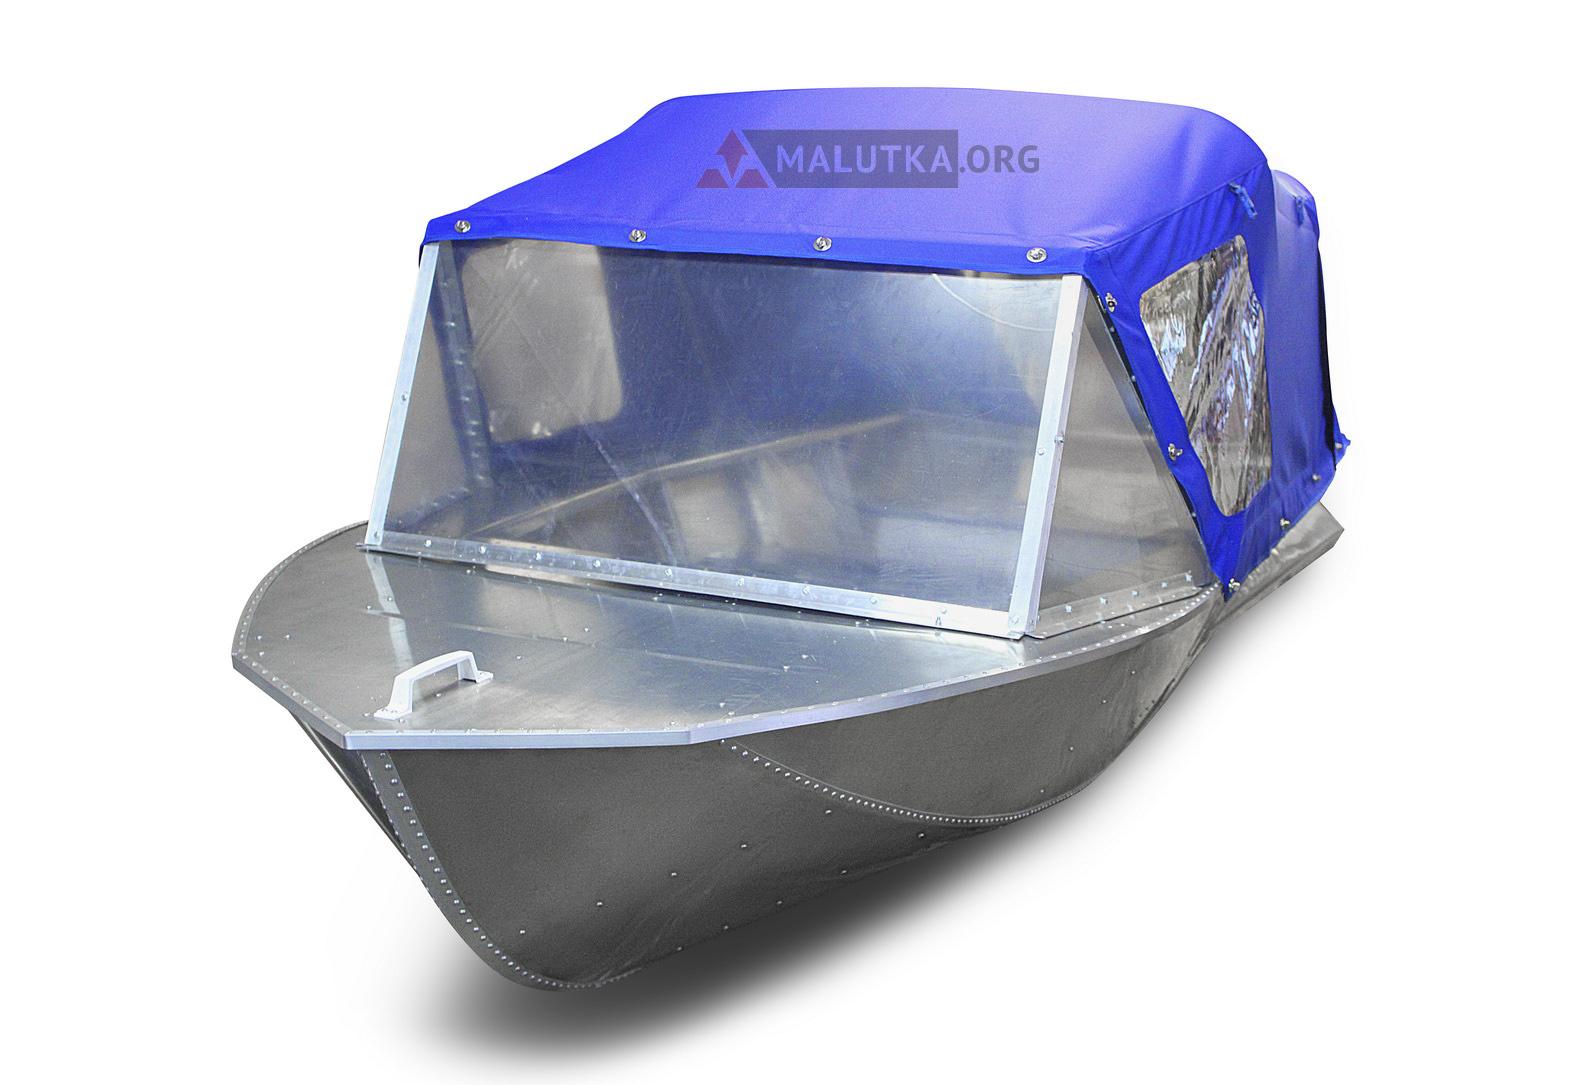 все для алюминиевых лодок